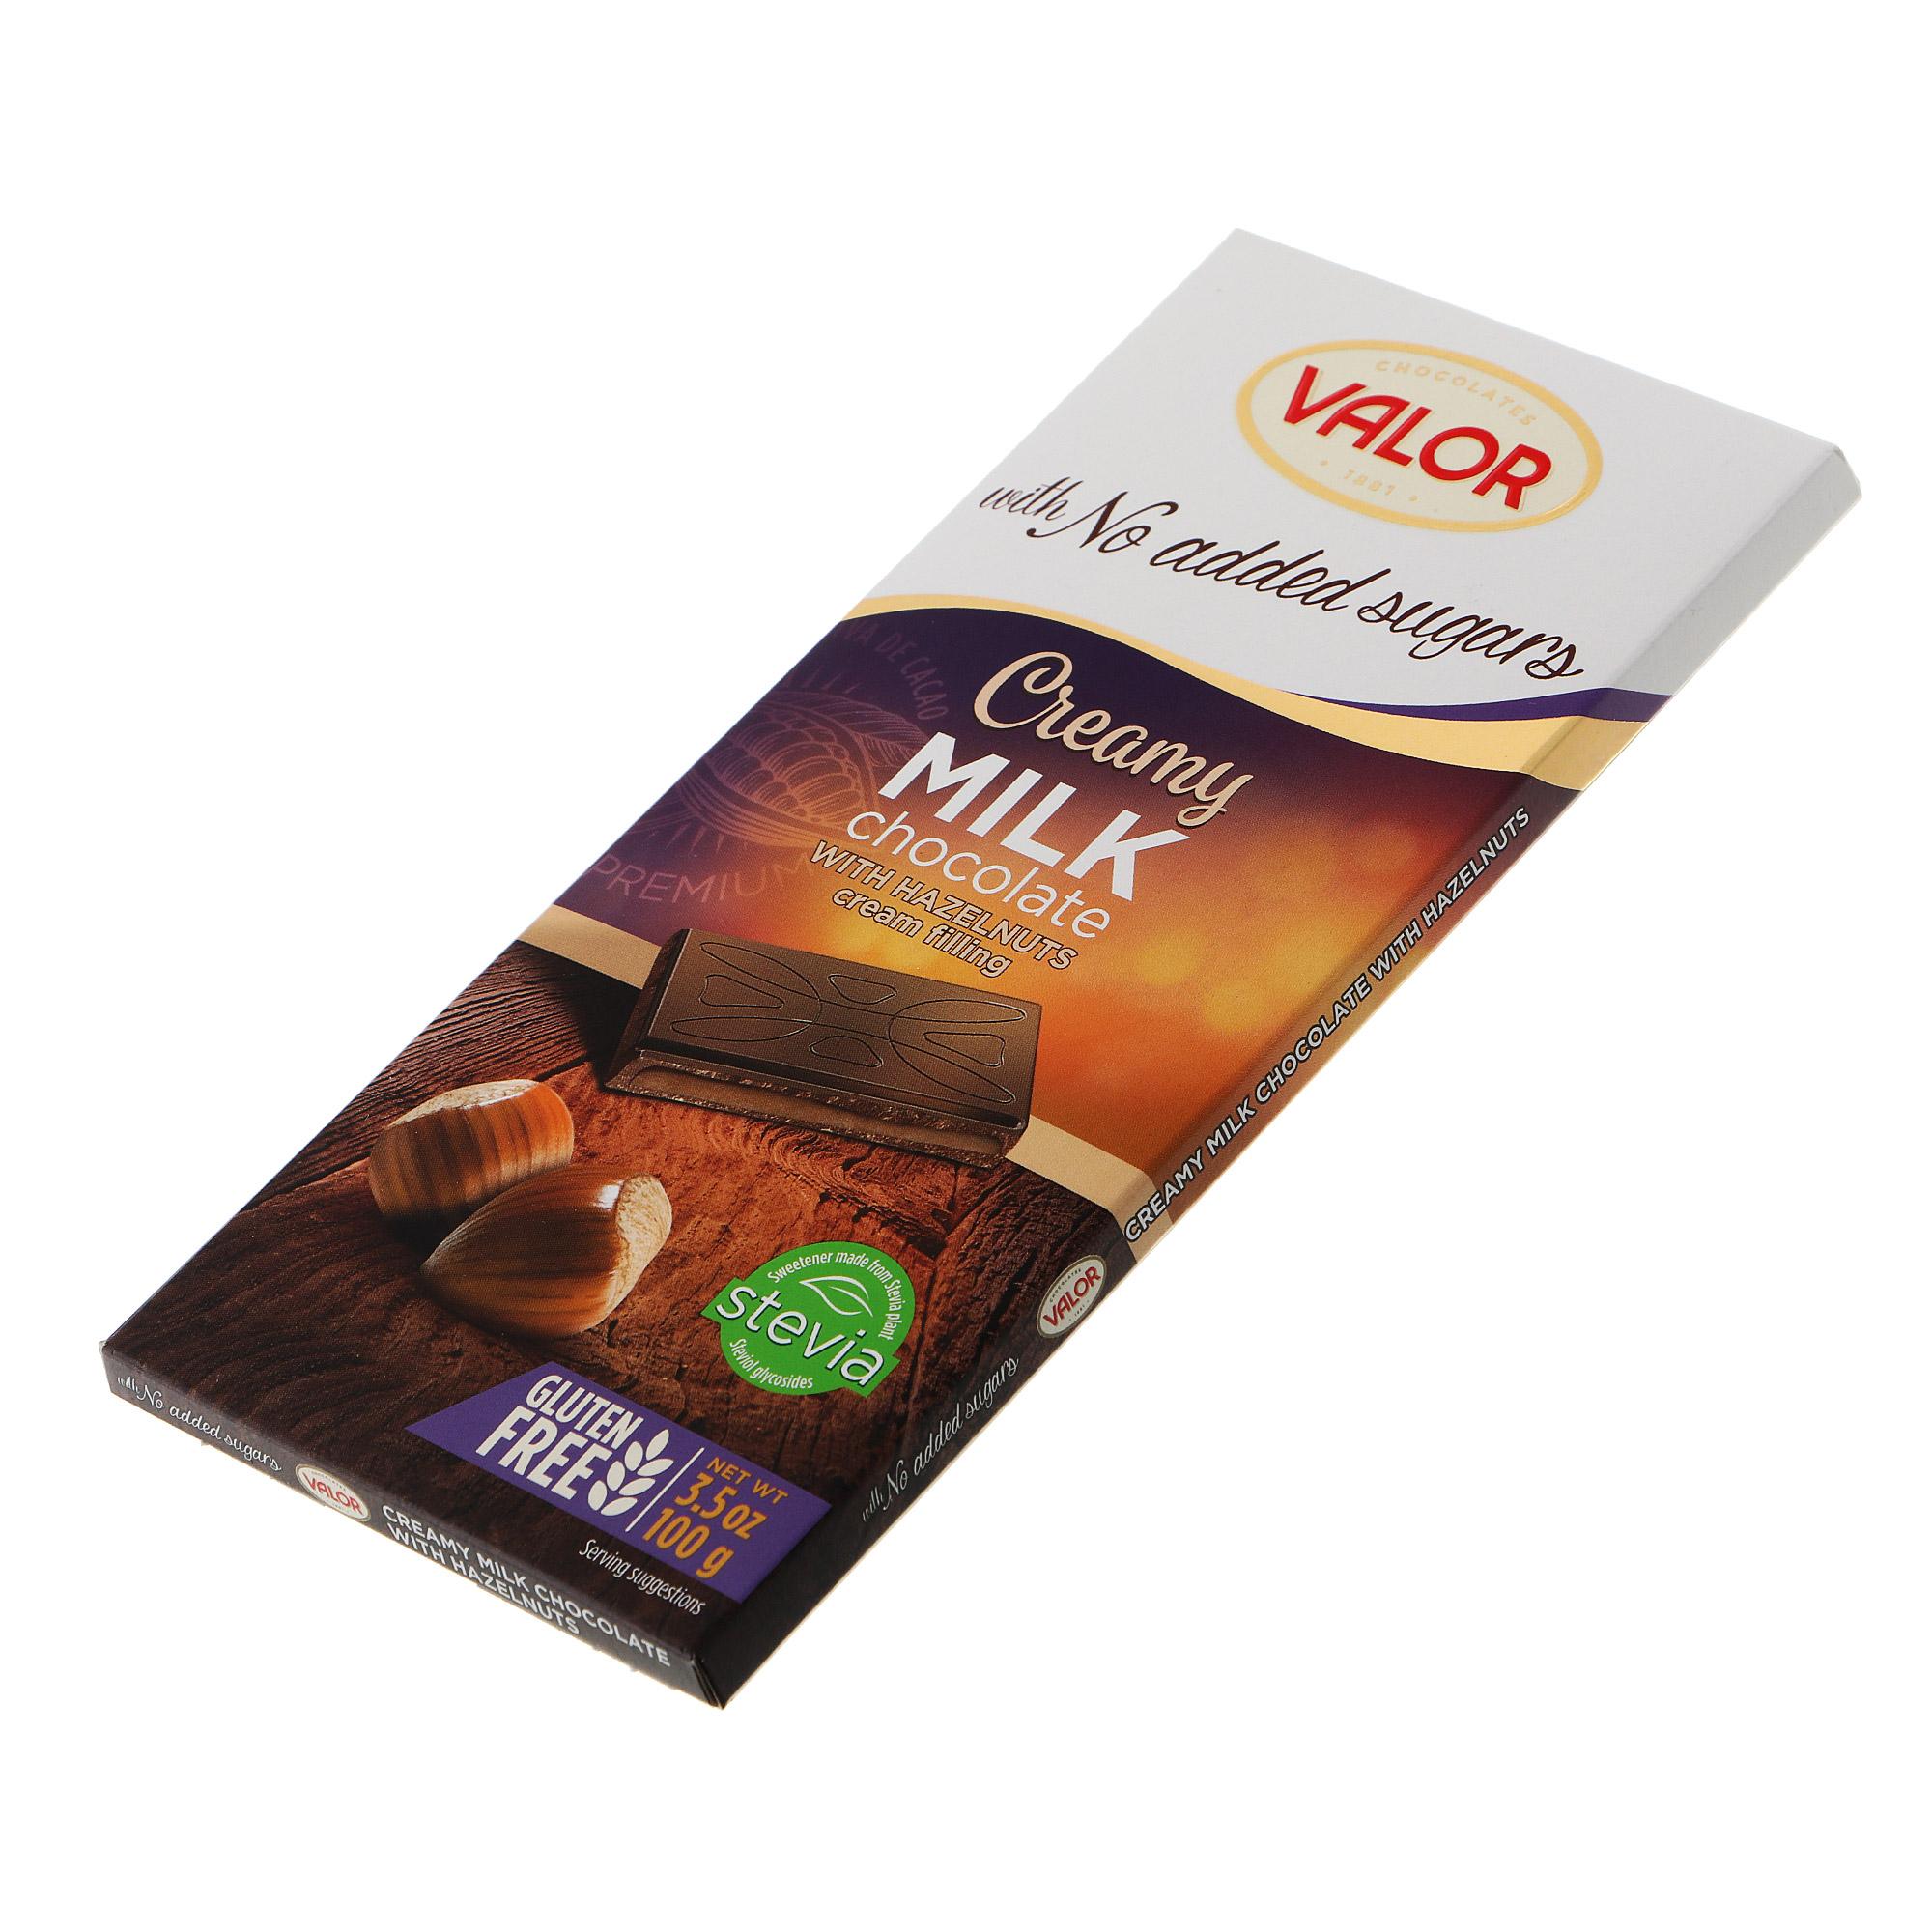 Шоколад темный Valor с ореховым кремом 70% 100 г